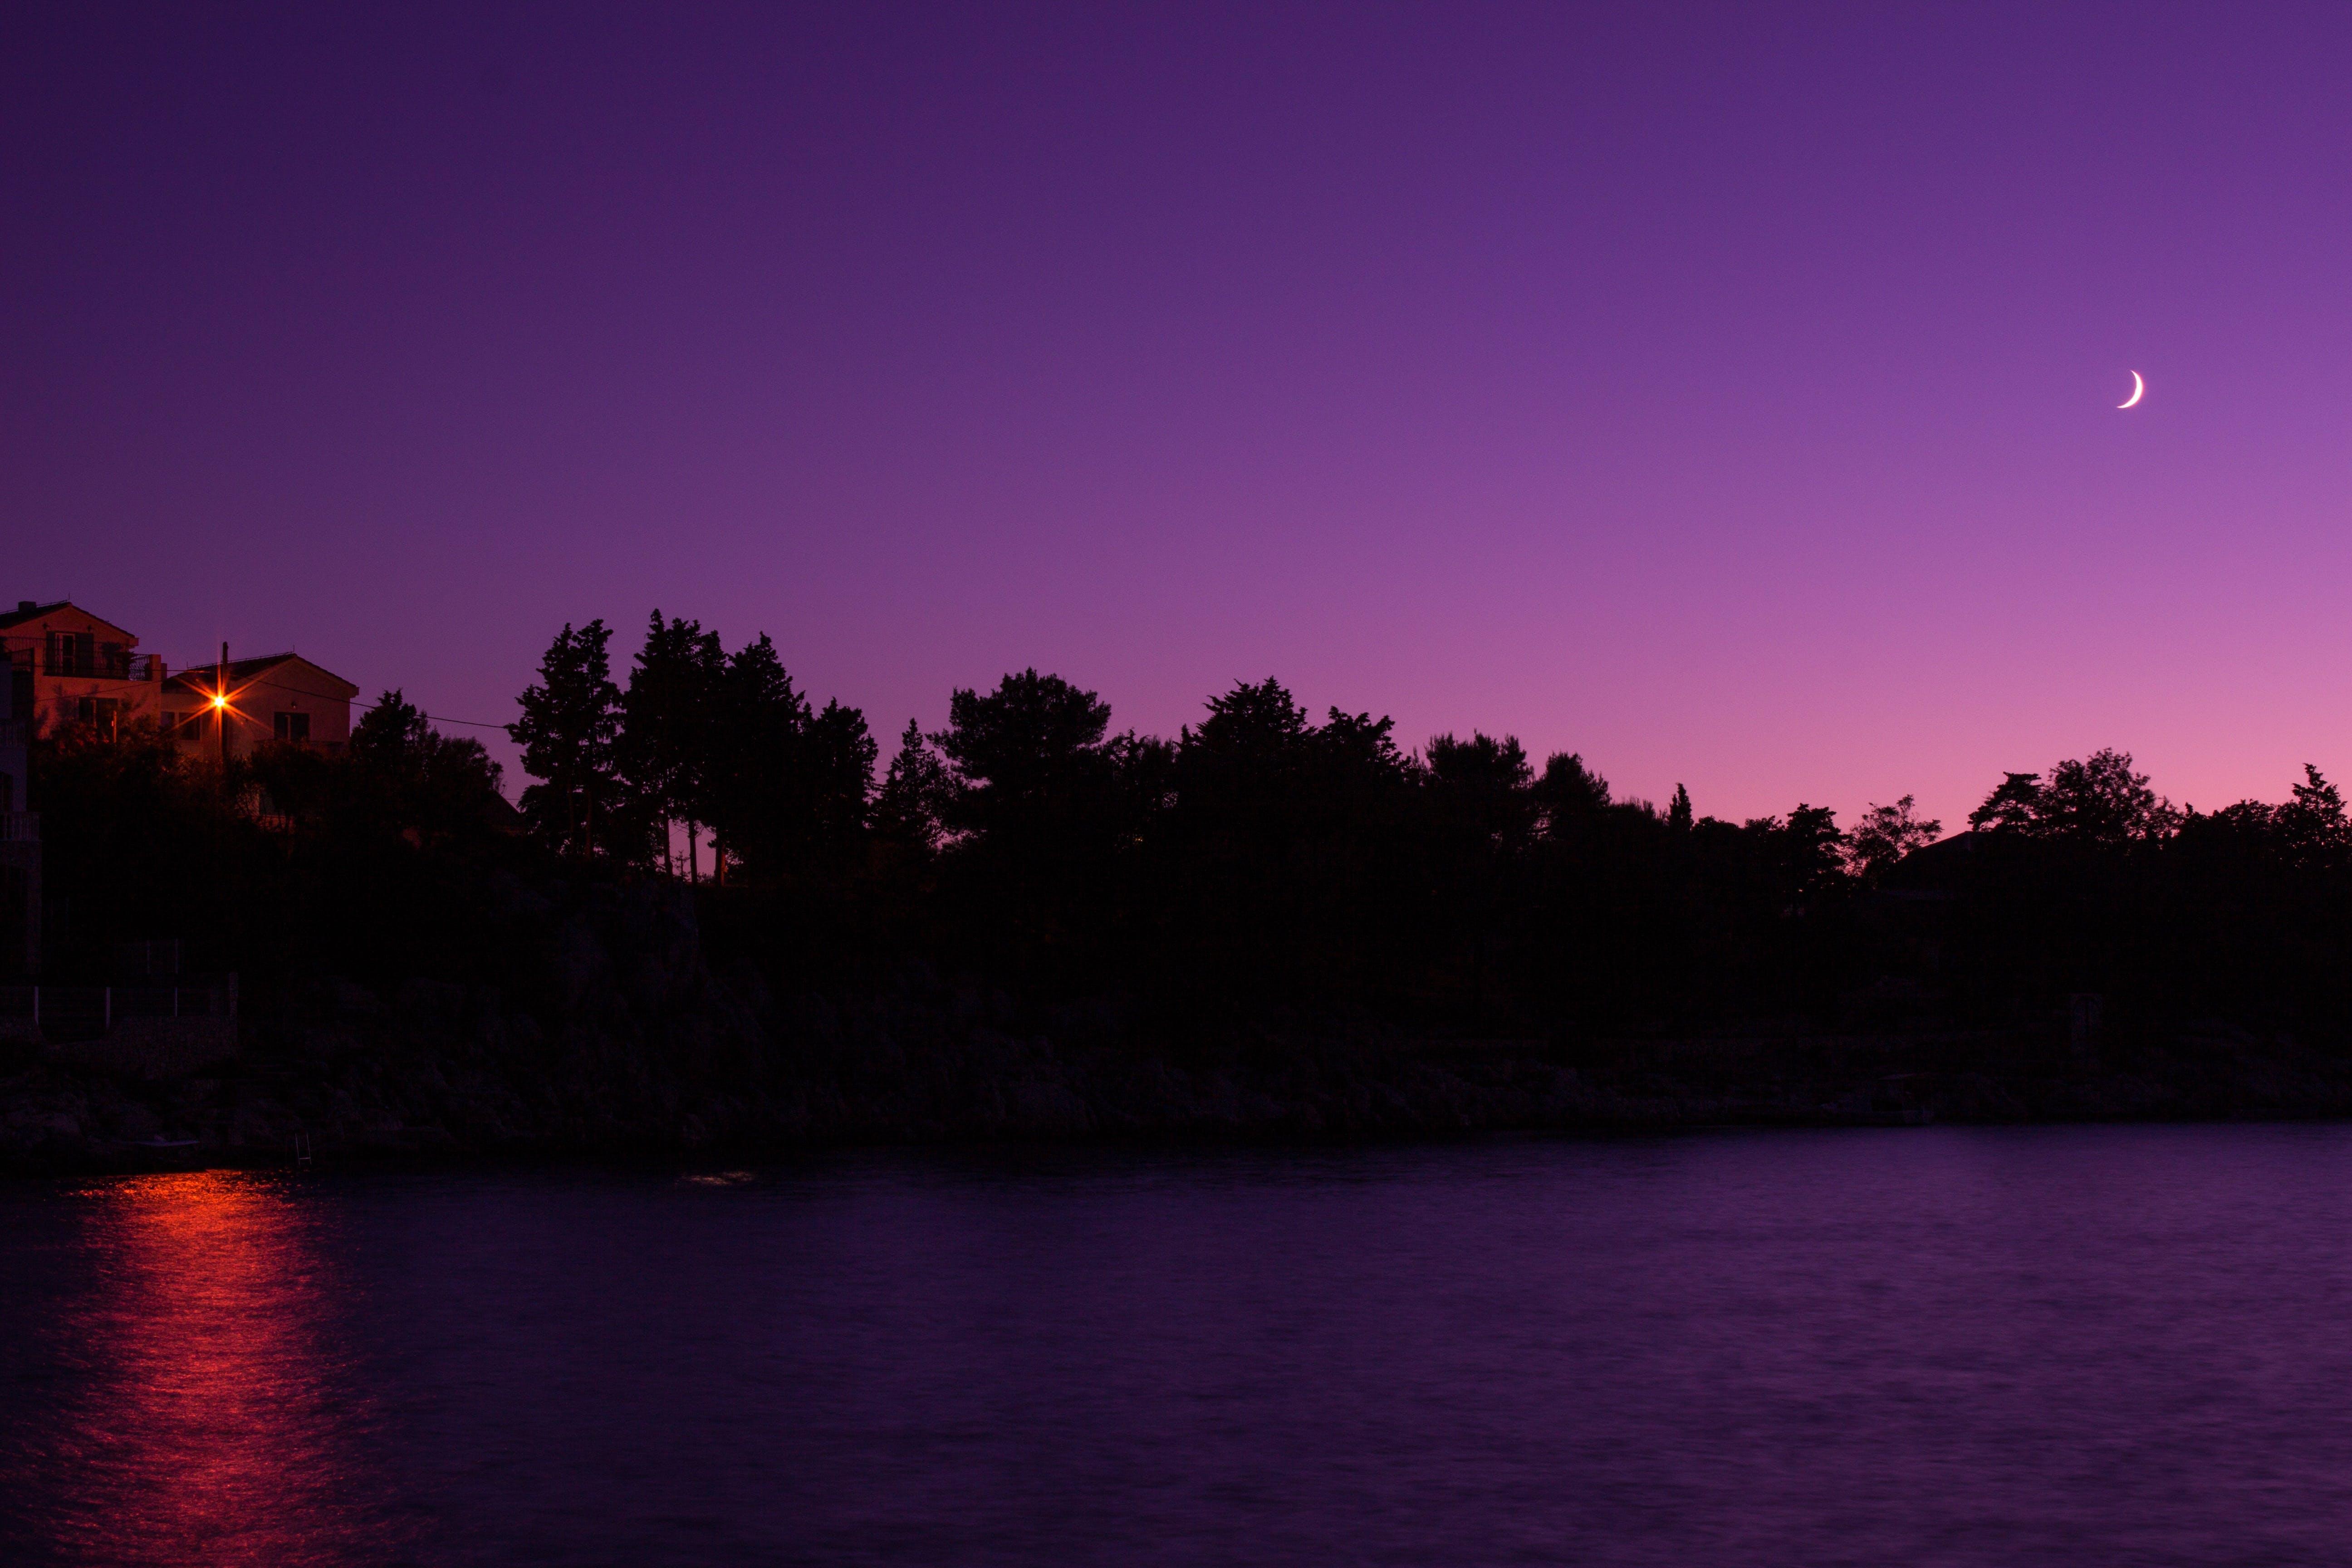 Tree Silhouette Under Purple Sky during Night